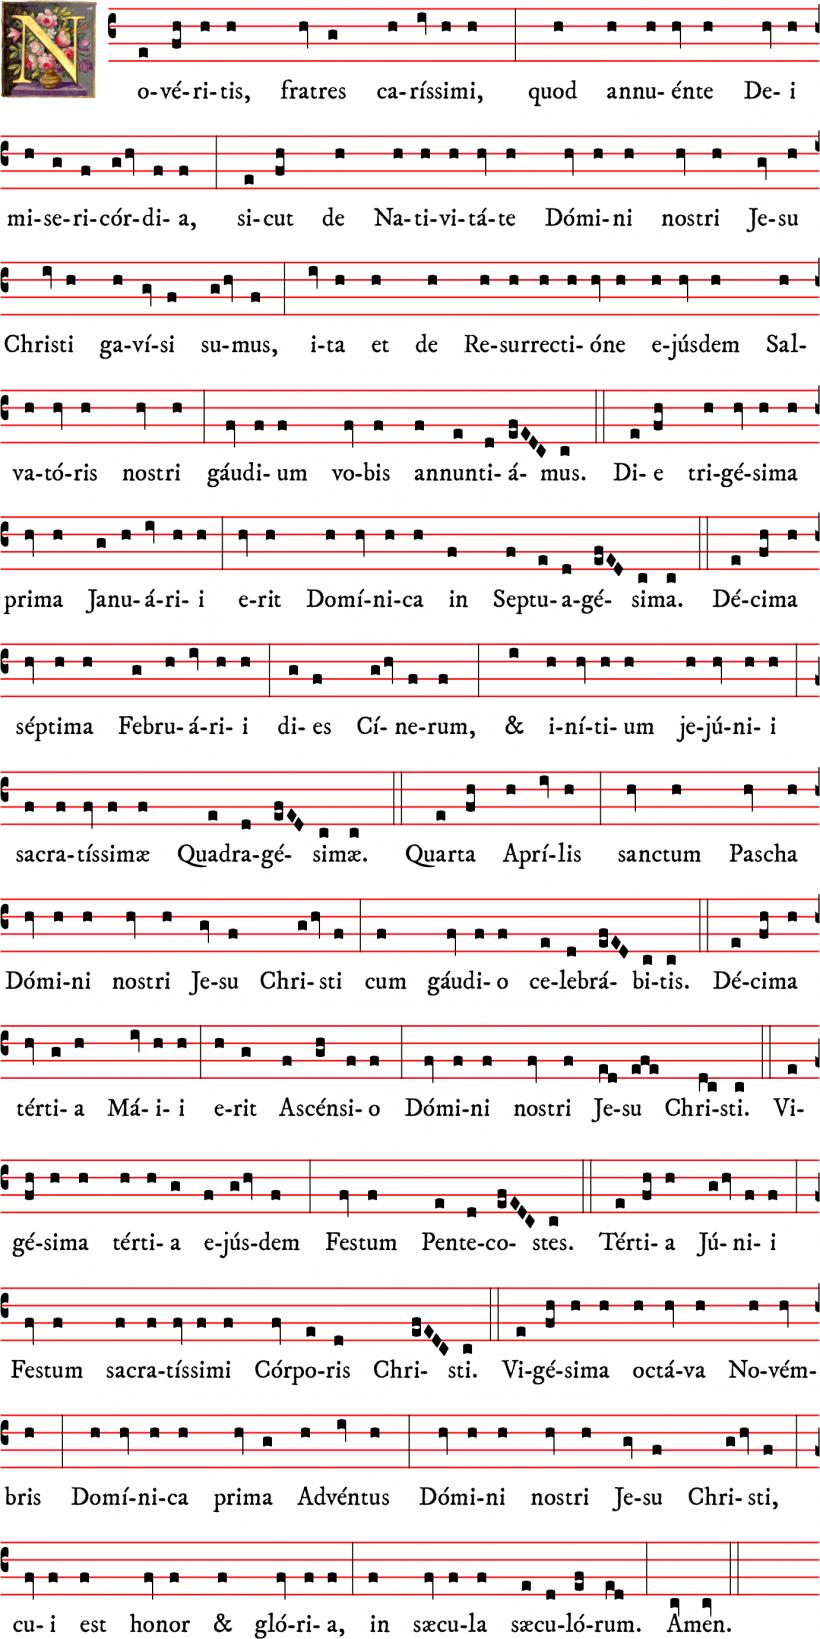 Noveritis Romanum 2021 : proclamation de la date de Pâques et des fêtes mobiles